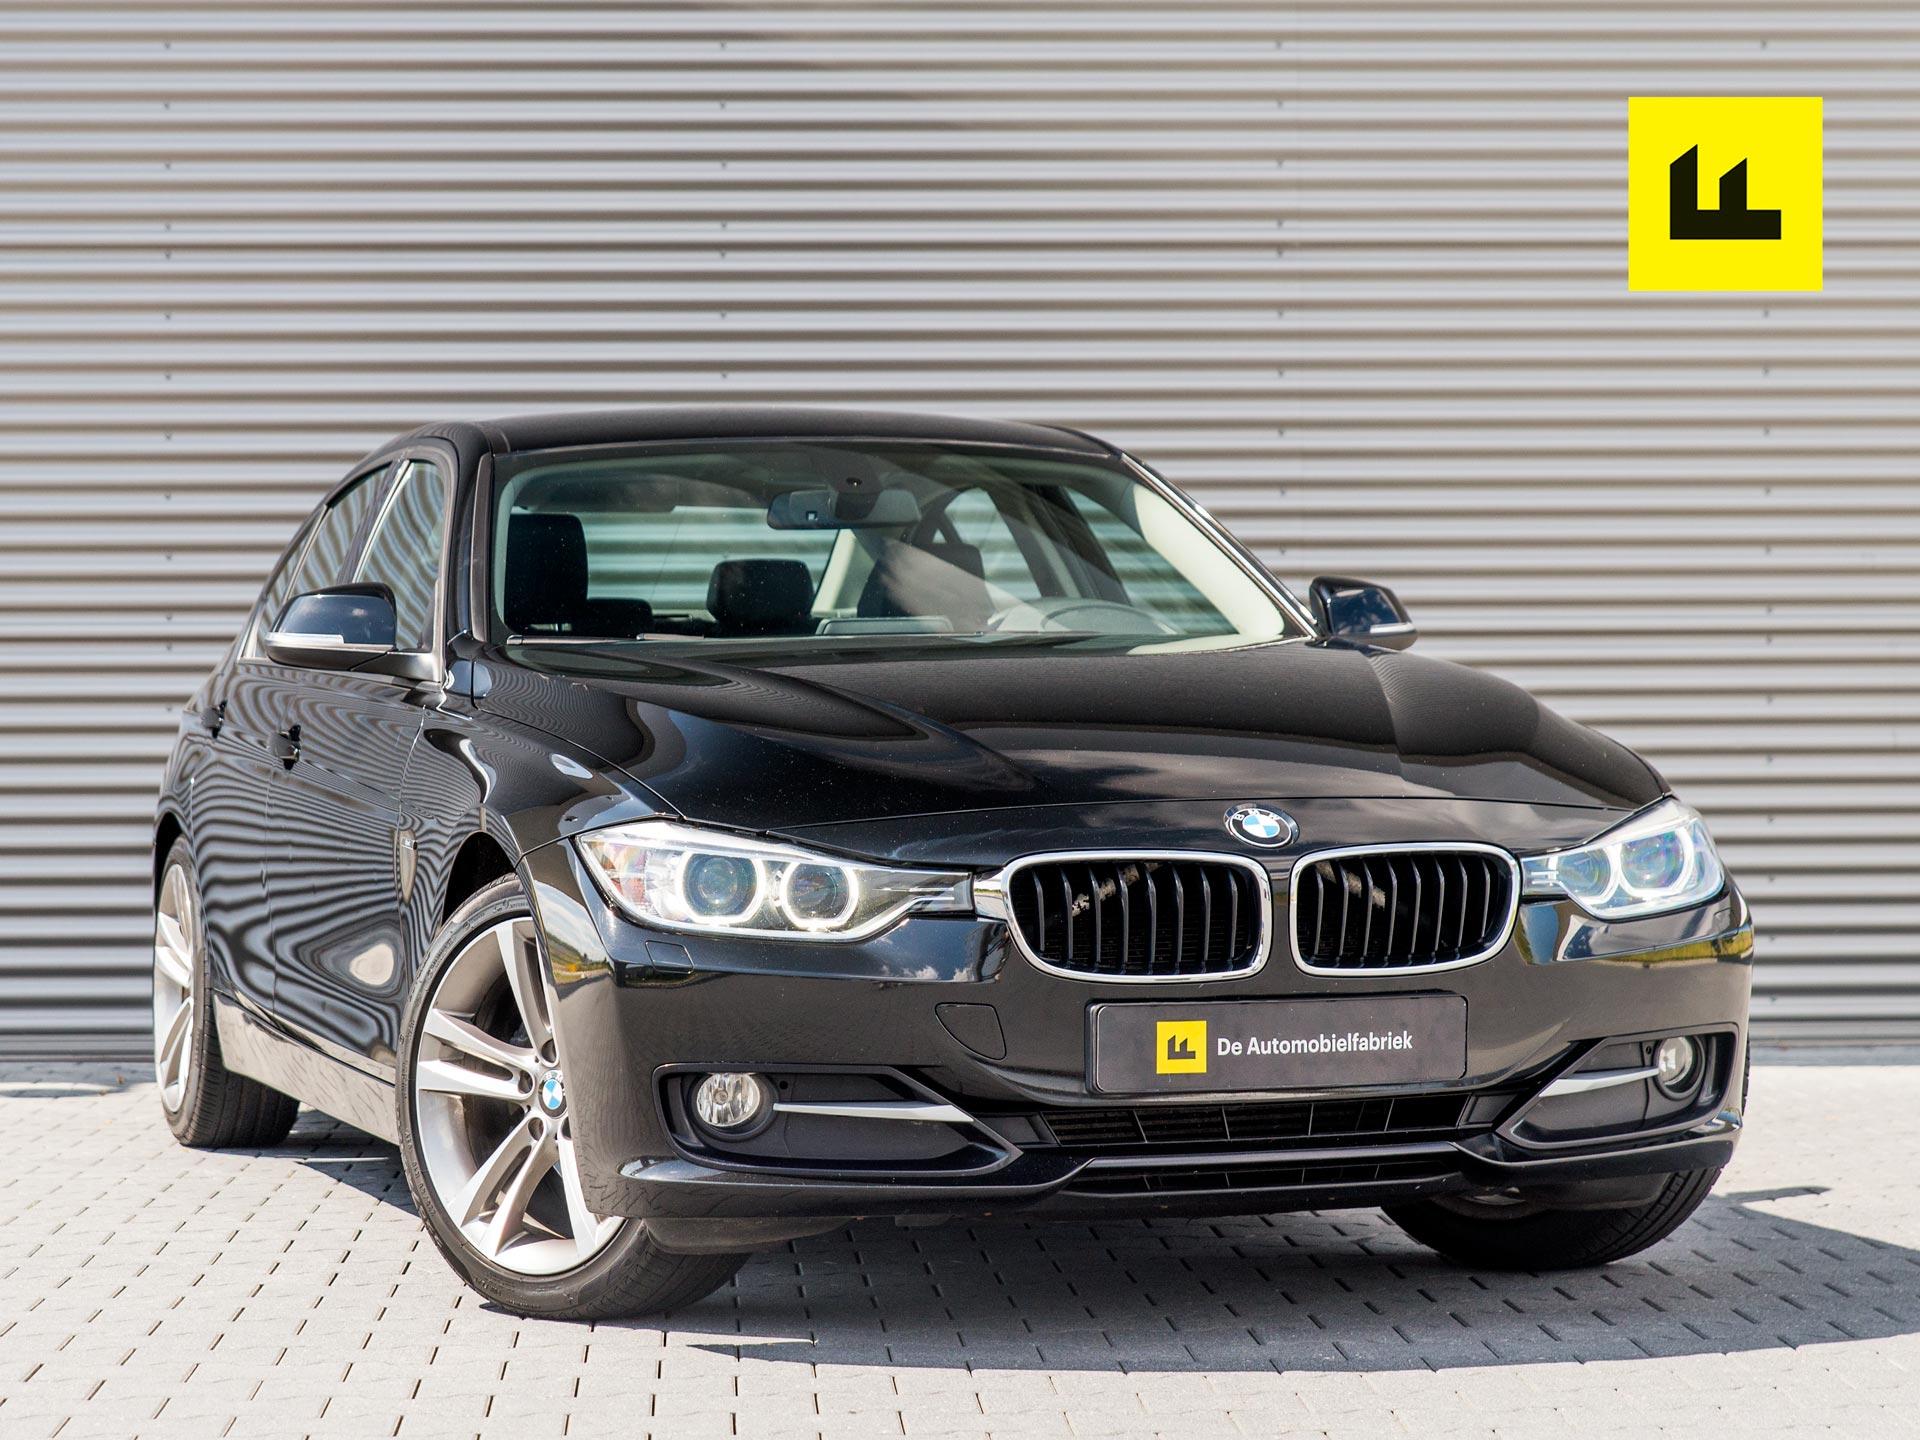 Tweedehands BMW 320d occasion